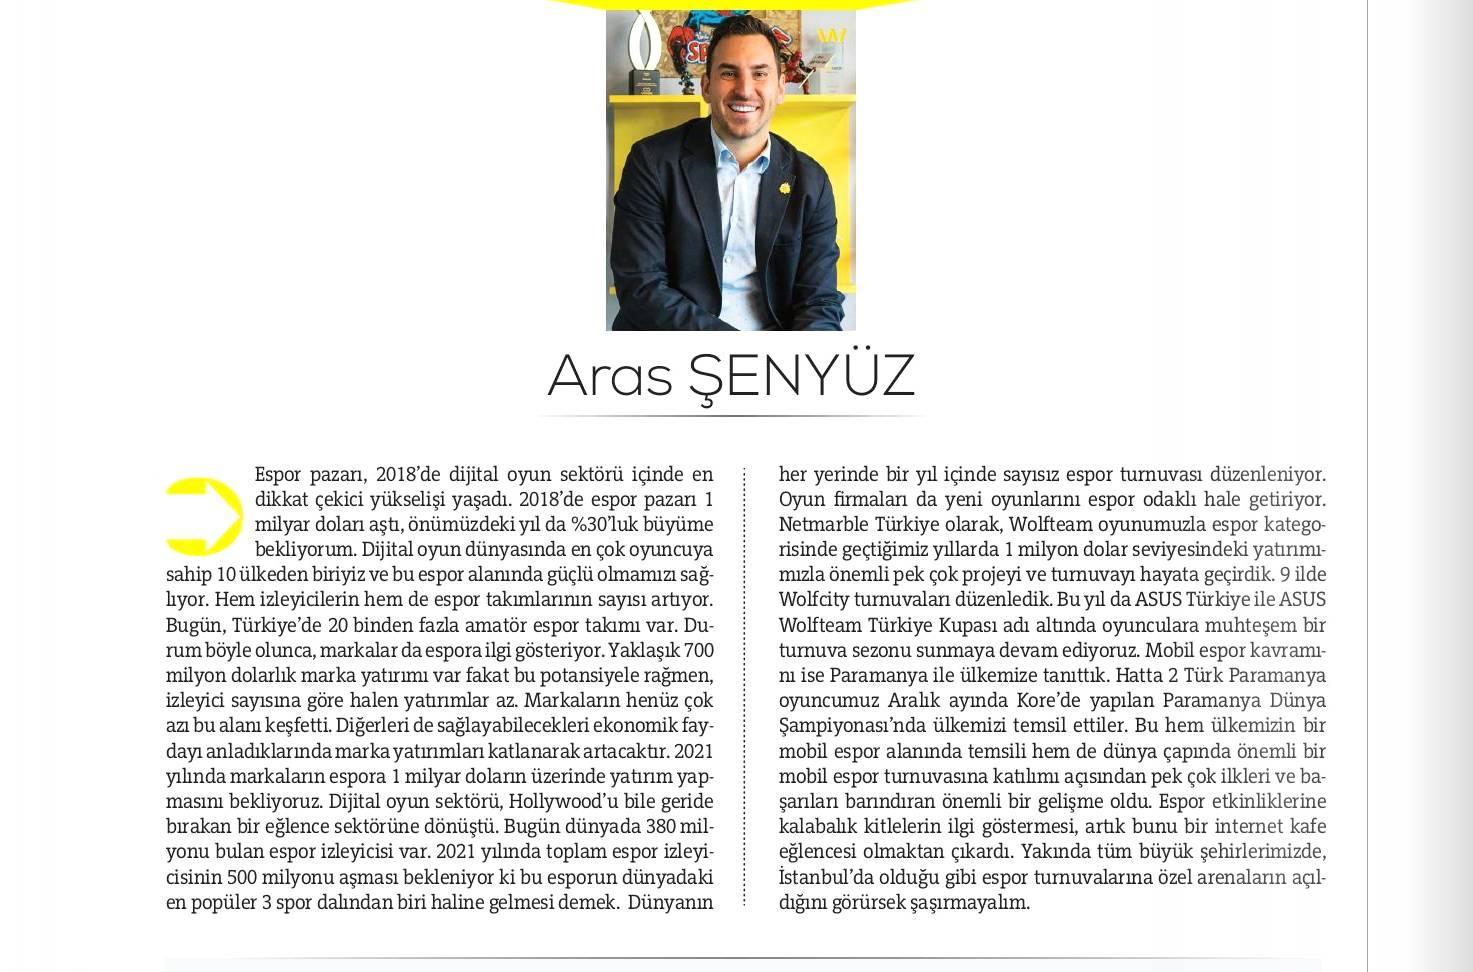 M.I.C.E. Dergisi